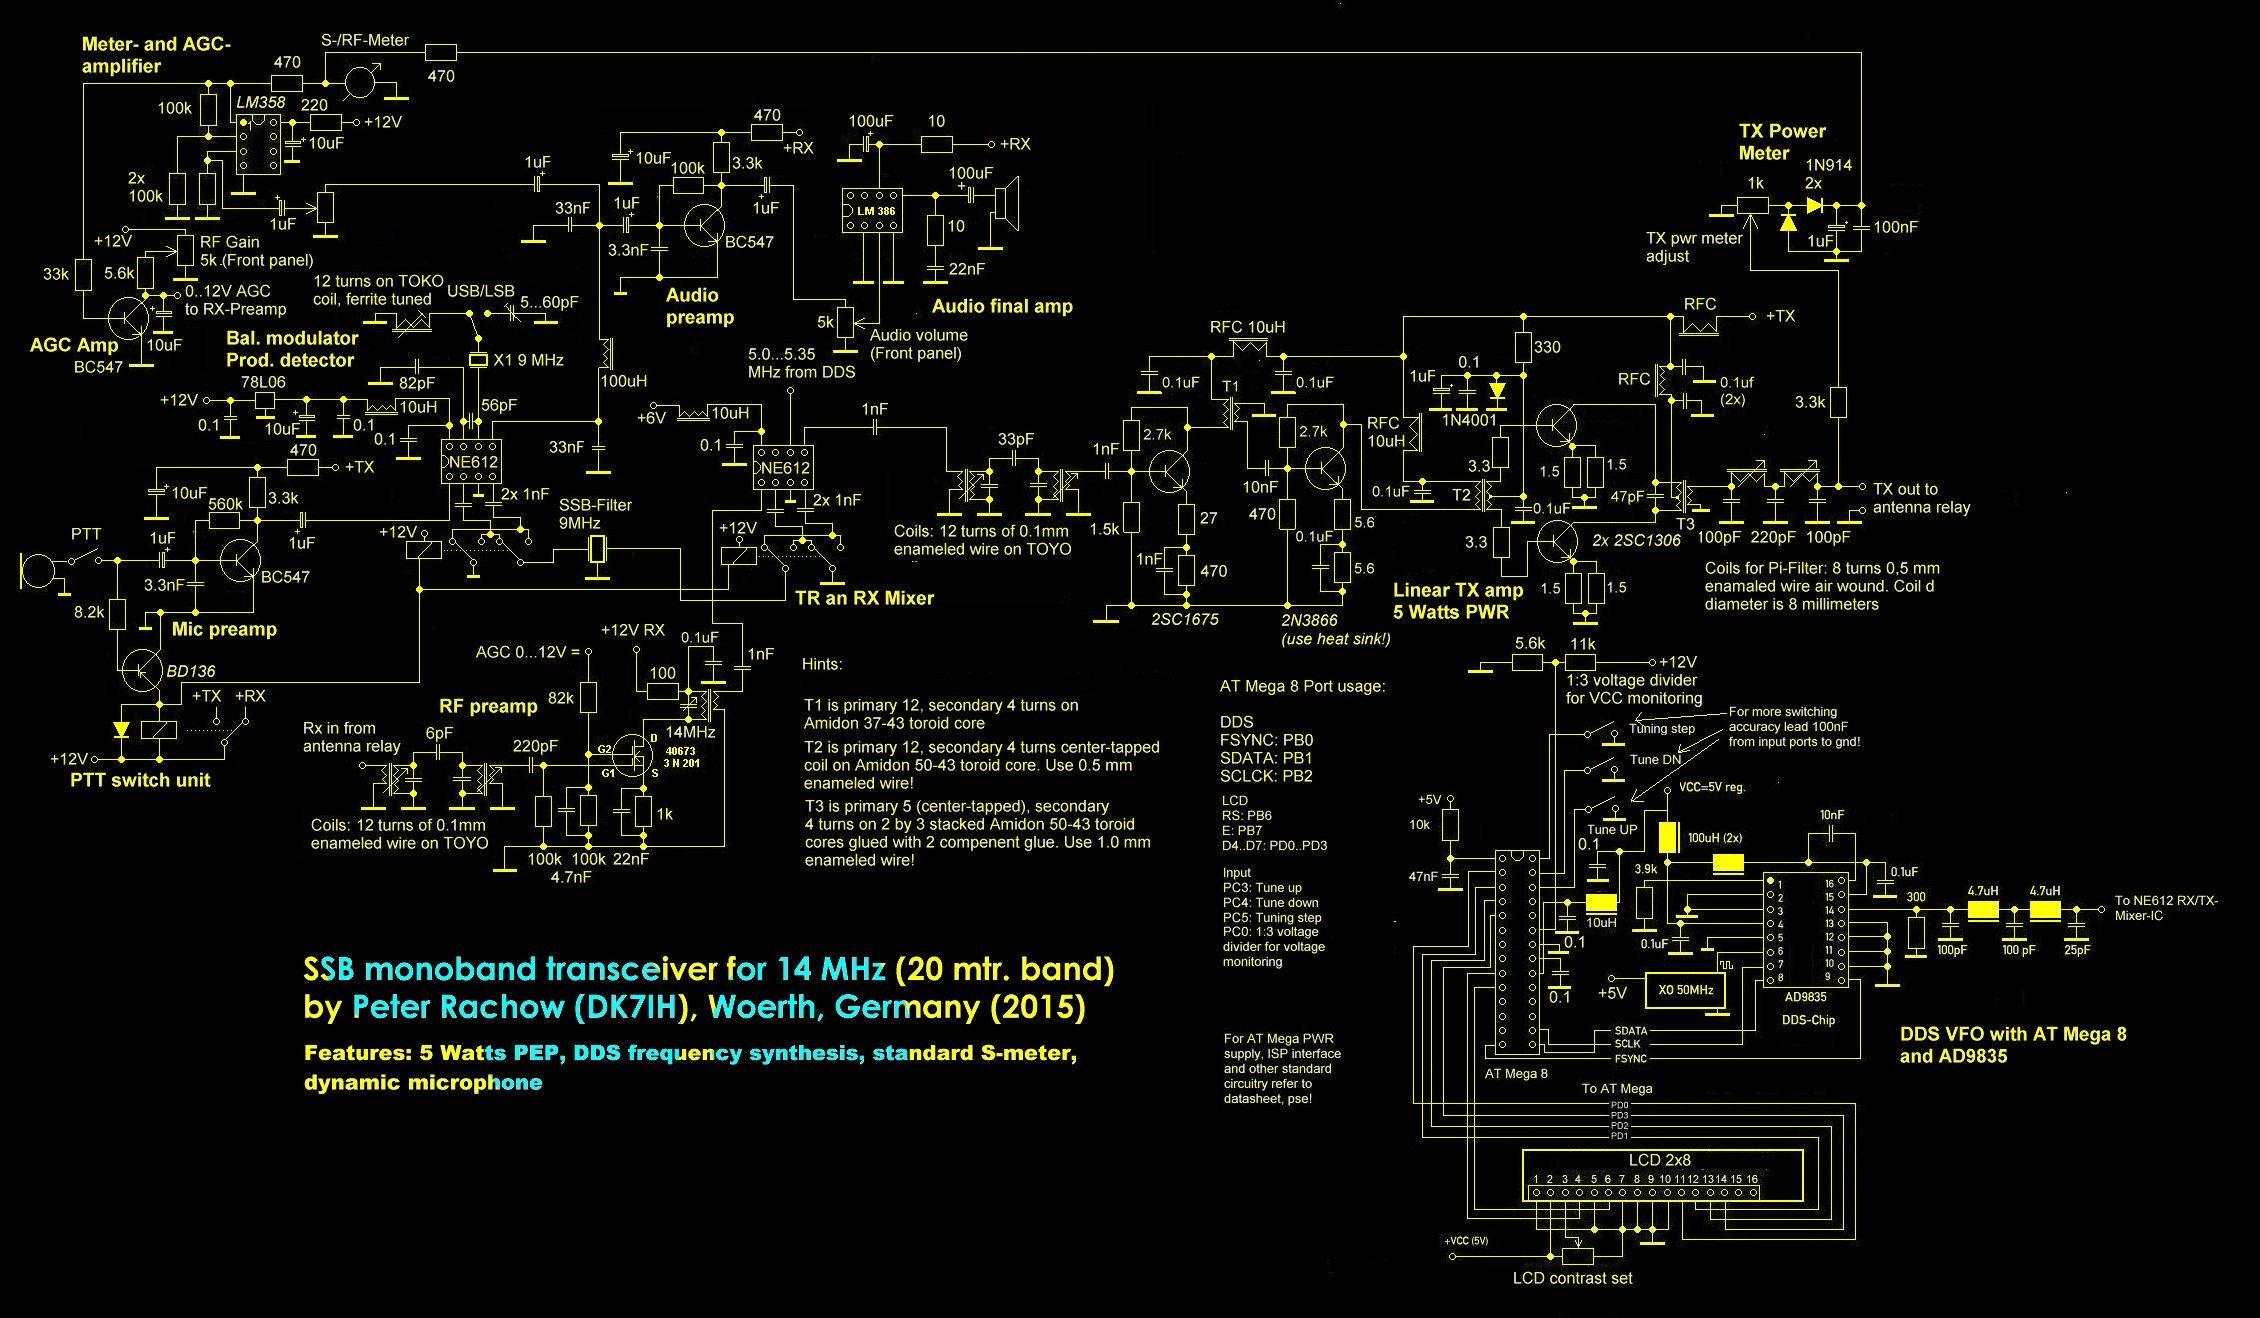 Schaltplan (Schematic) QRP SSB Transceiver 20 Meter 14 MHz by DK7IH (Peter Rachow)